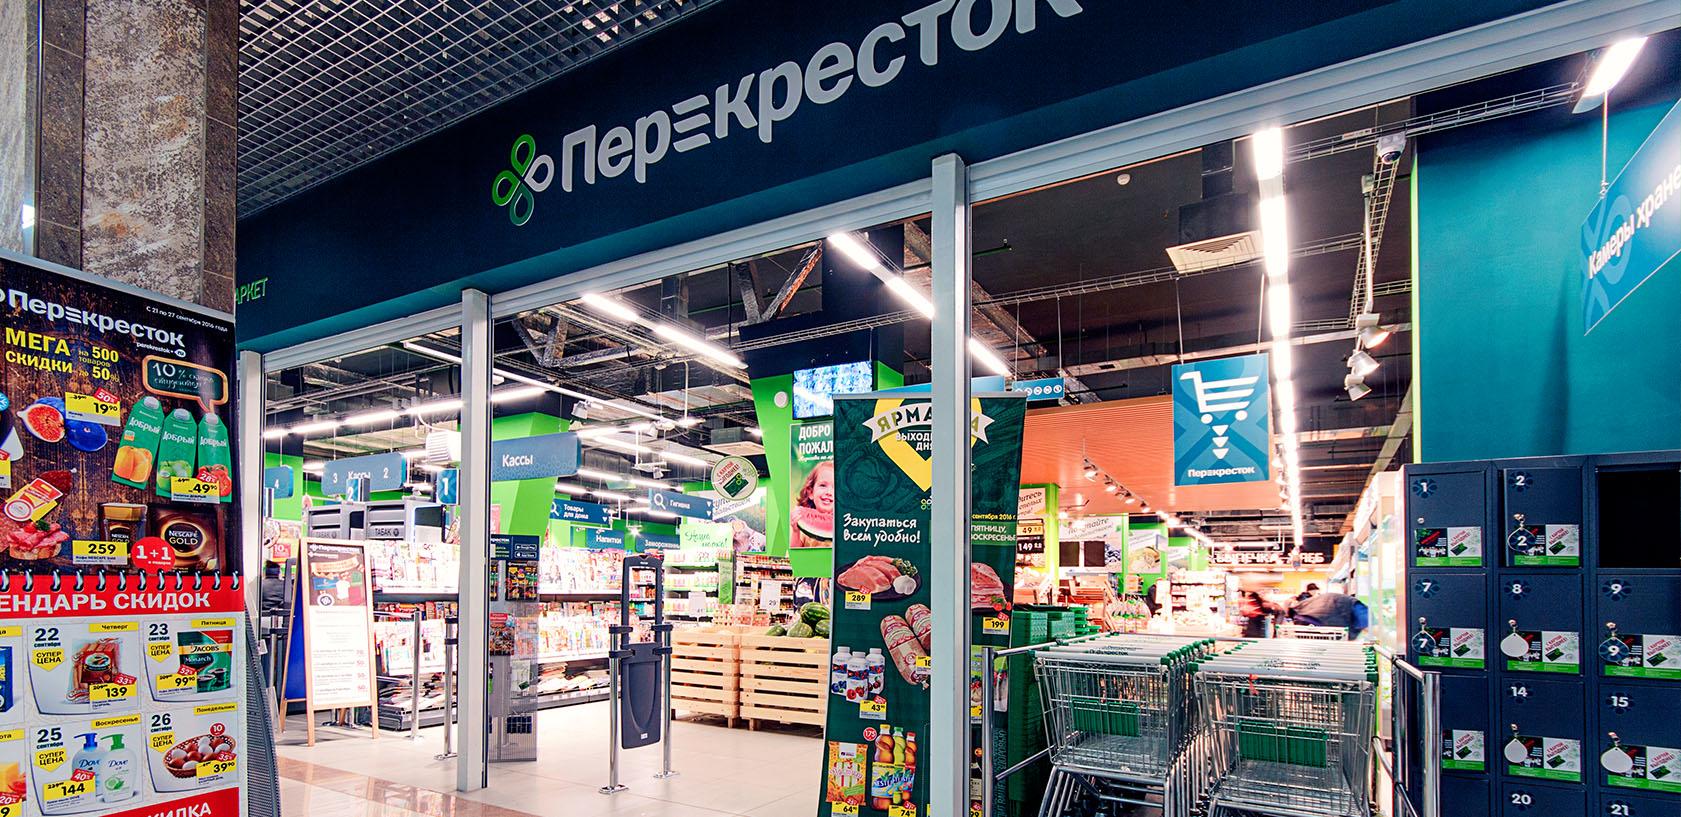 Комплексное оснащение магазина Зеленый перекресток